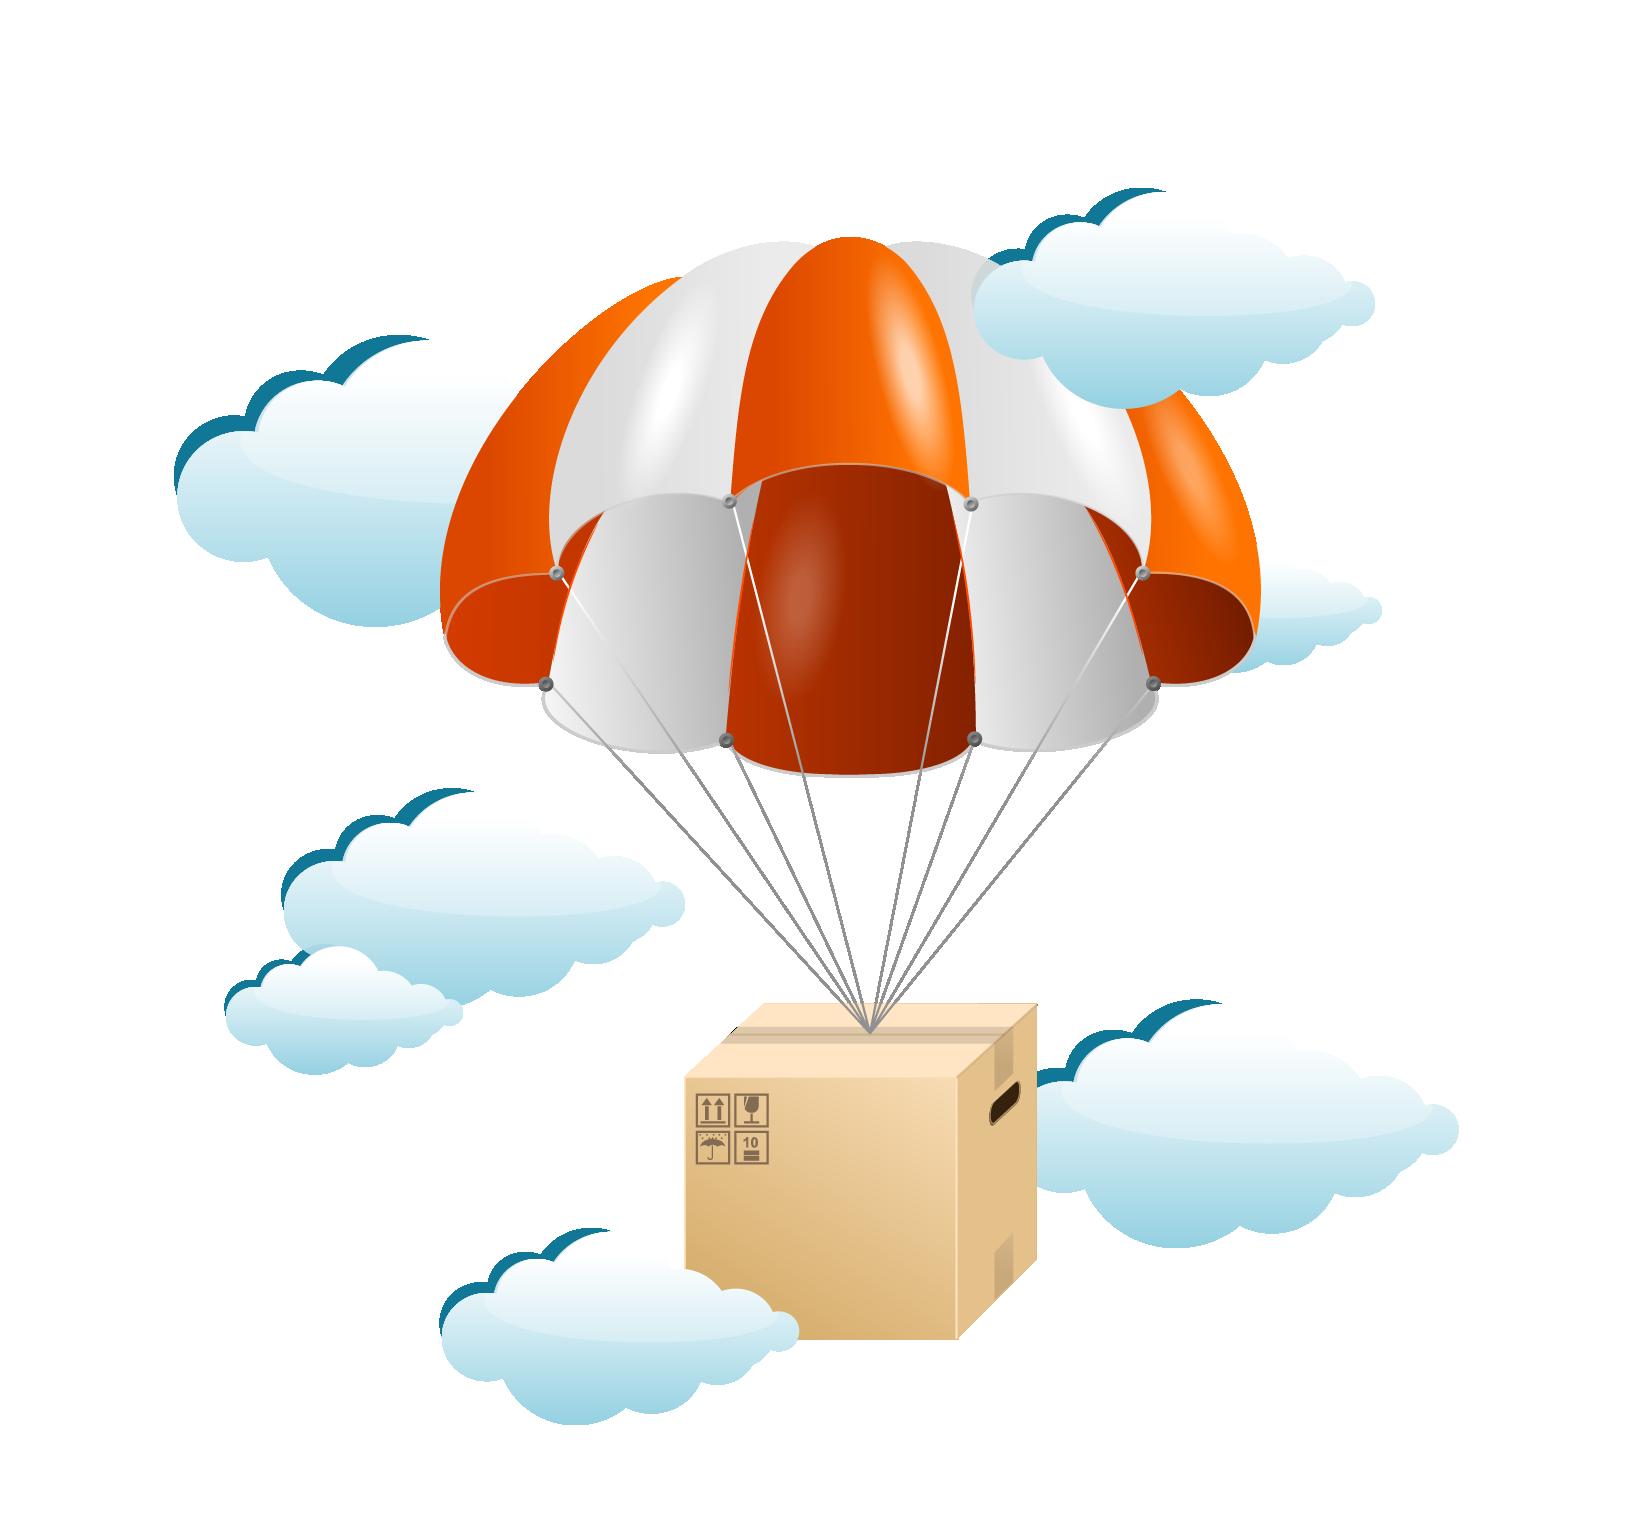 Clipart clouds balloon. Parachute cartoon clip art